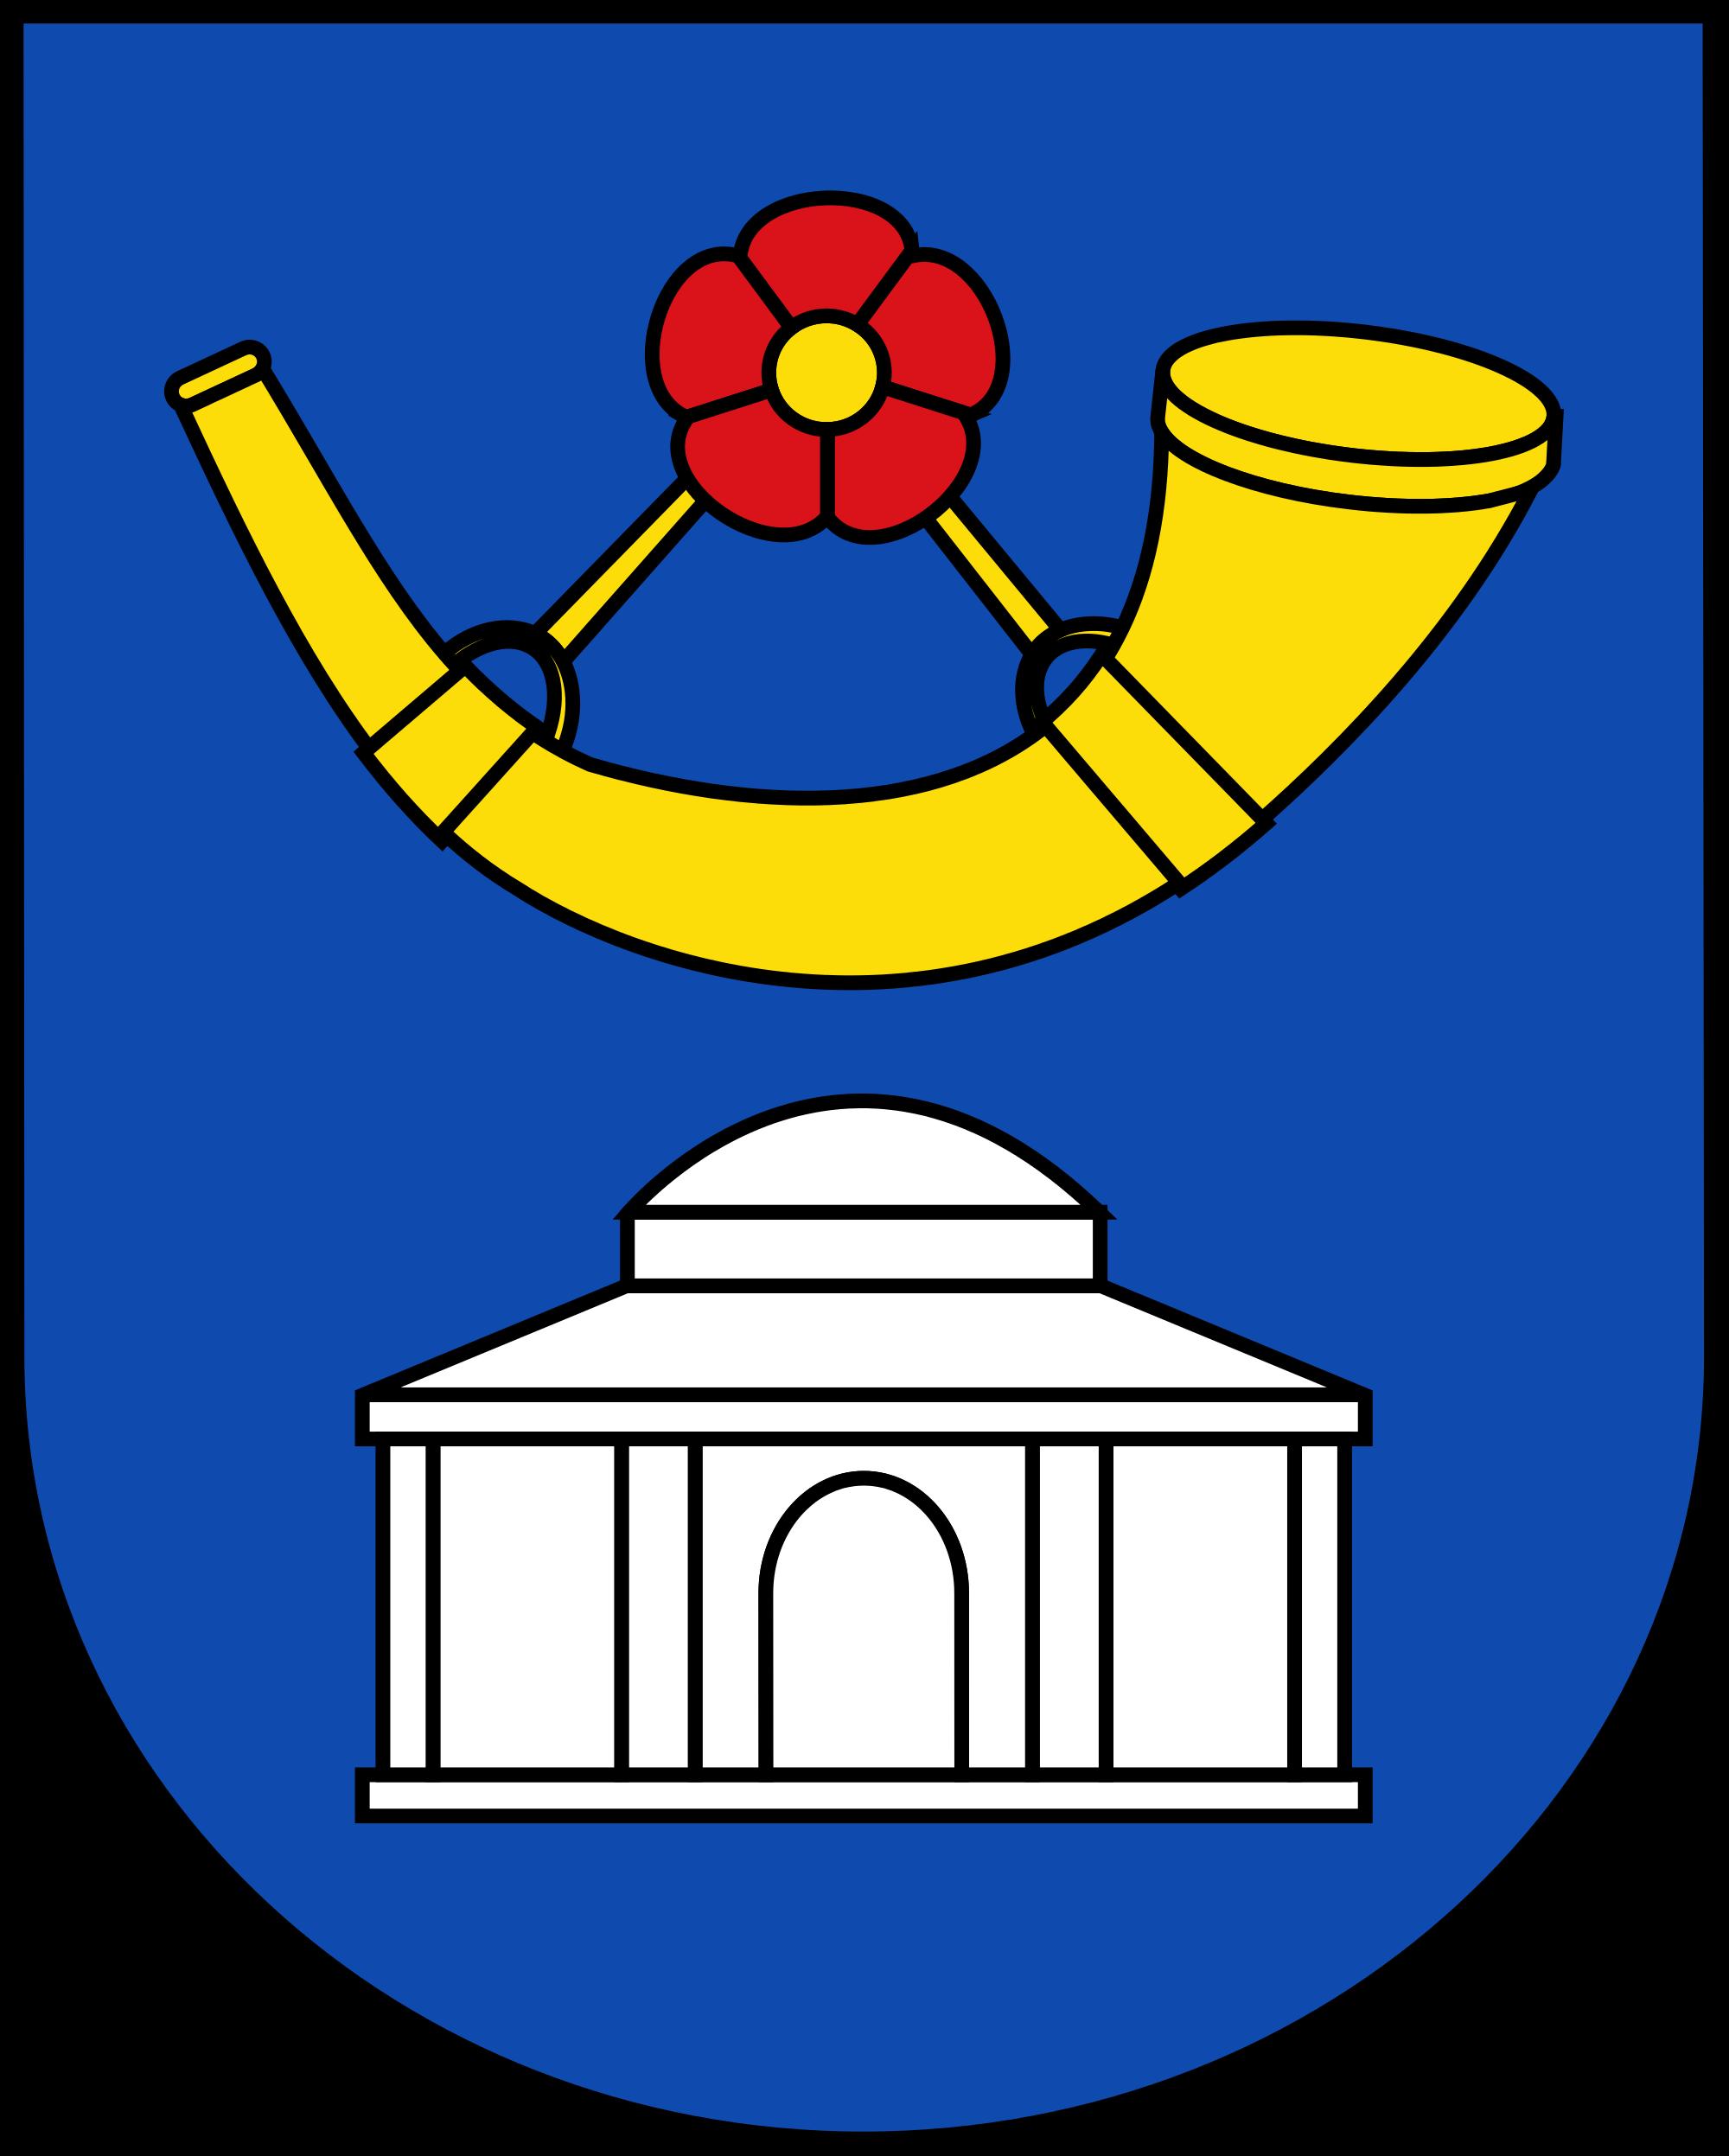 File:Wappen von Horn.